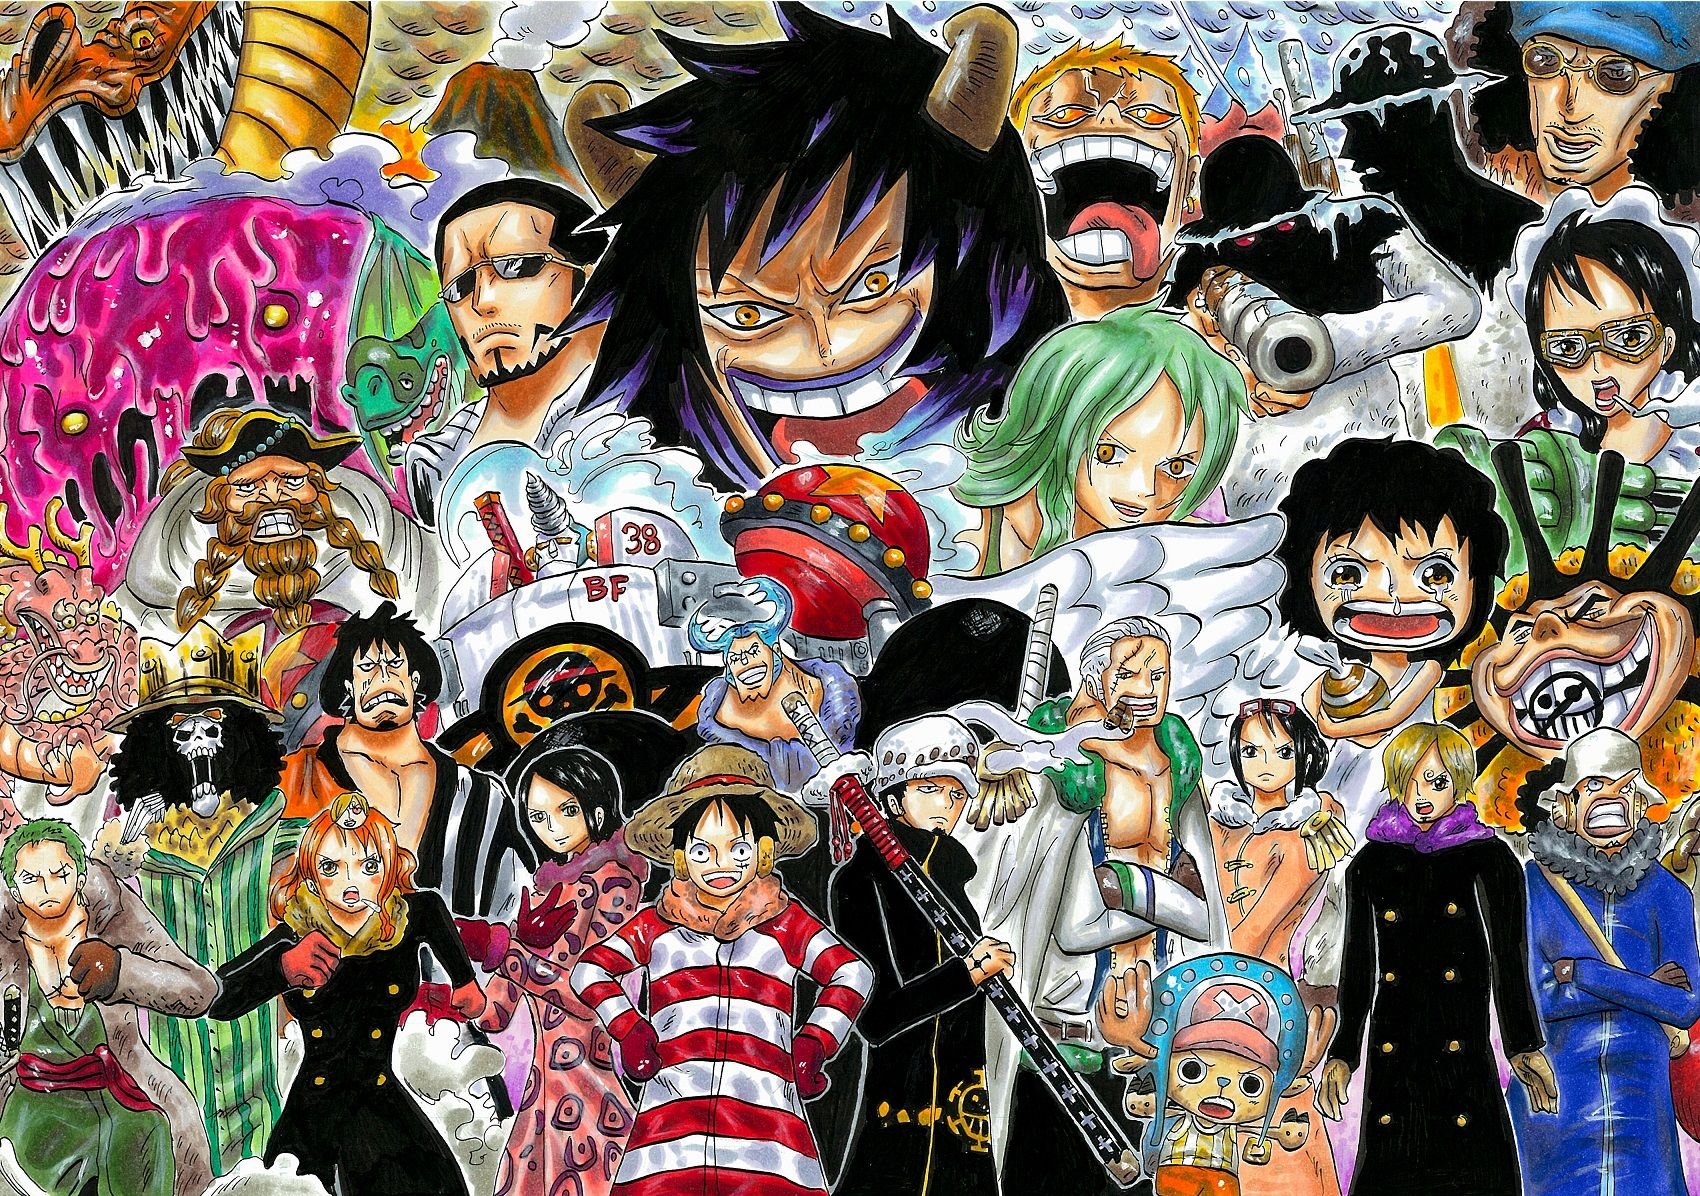 Punk Hazard Arc One Piece Manga One Piece Anime One Piece World